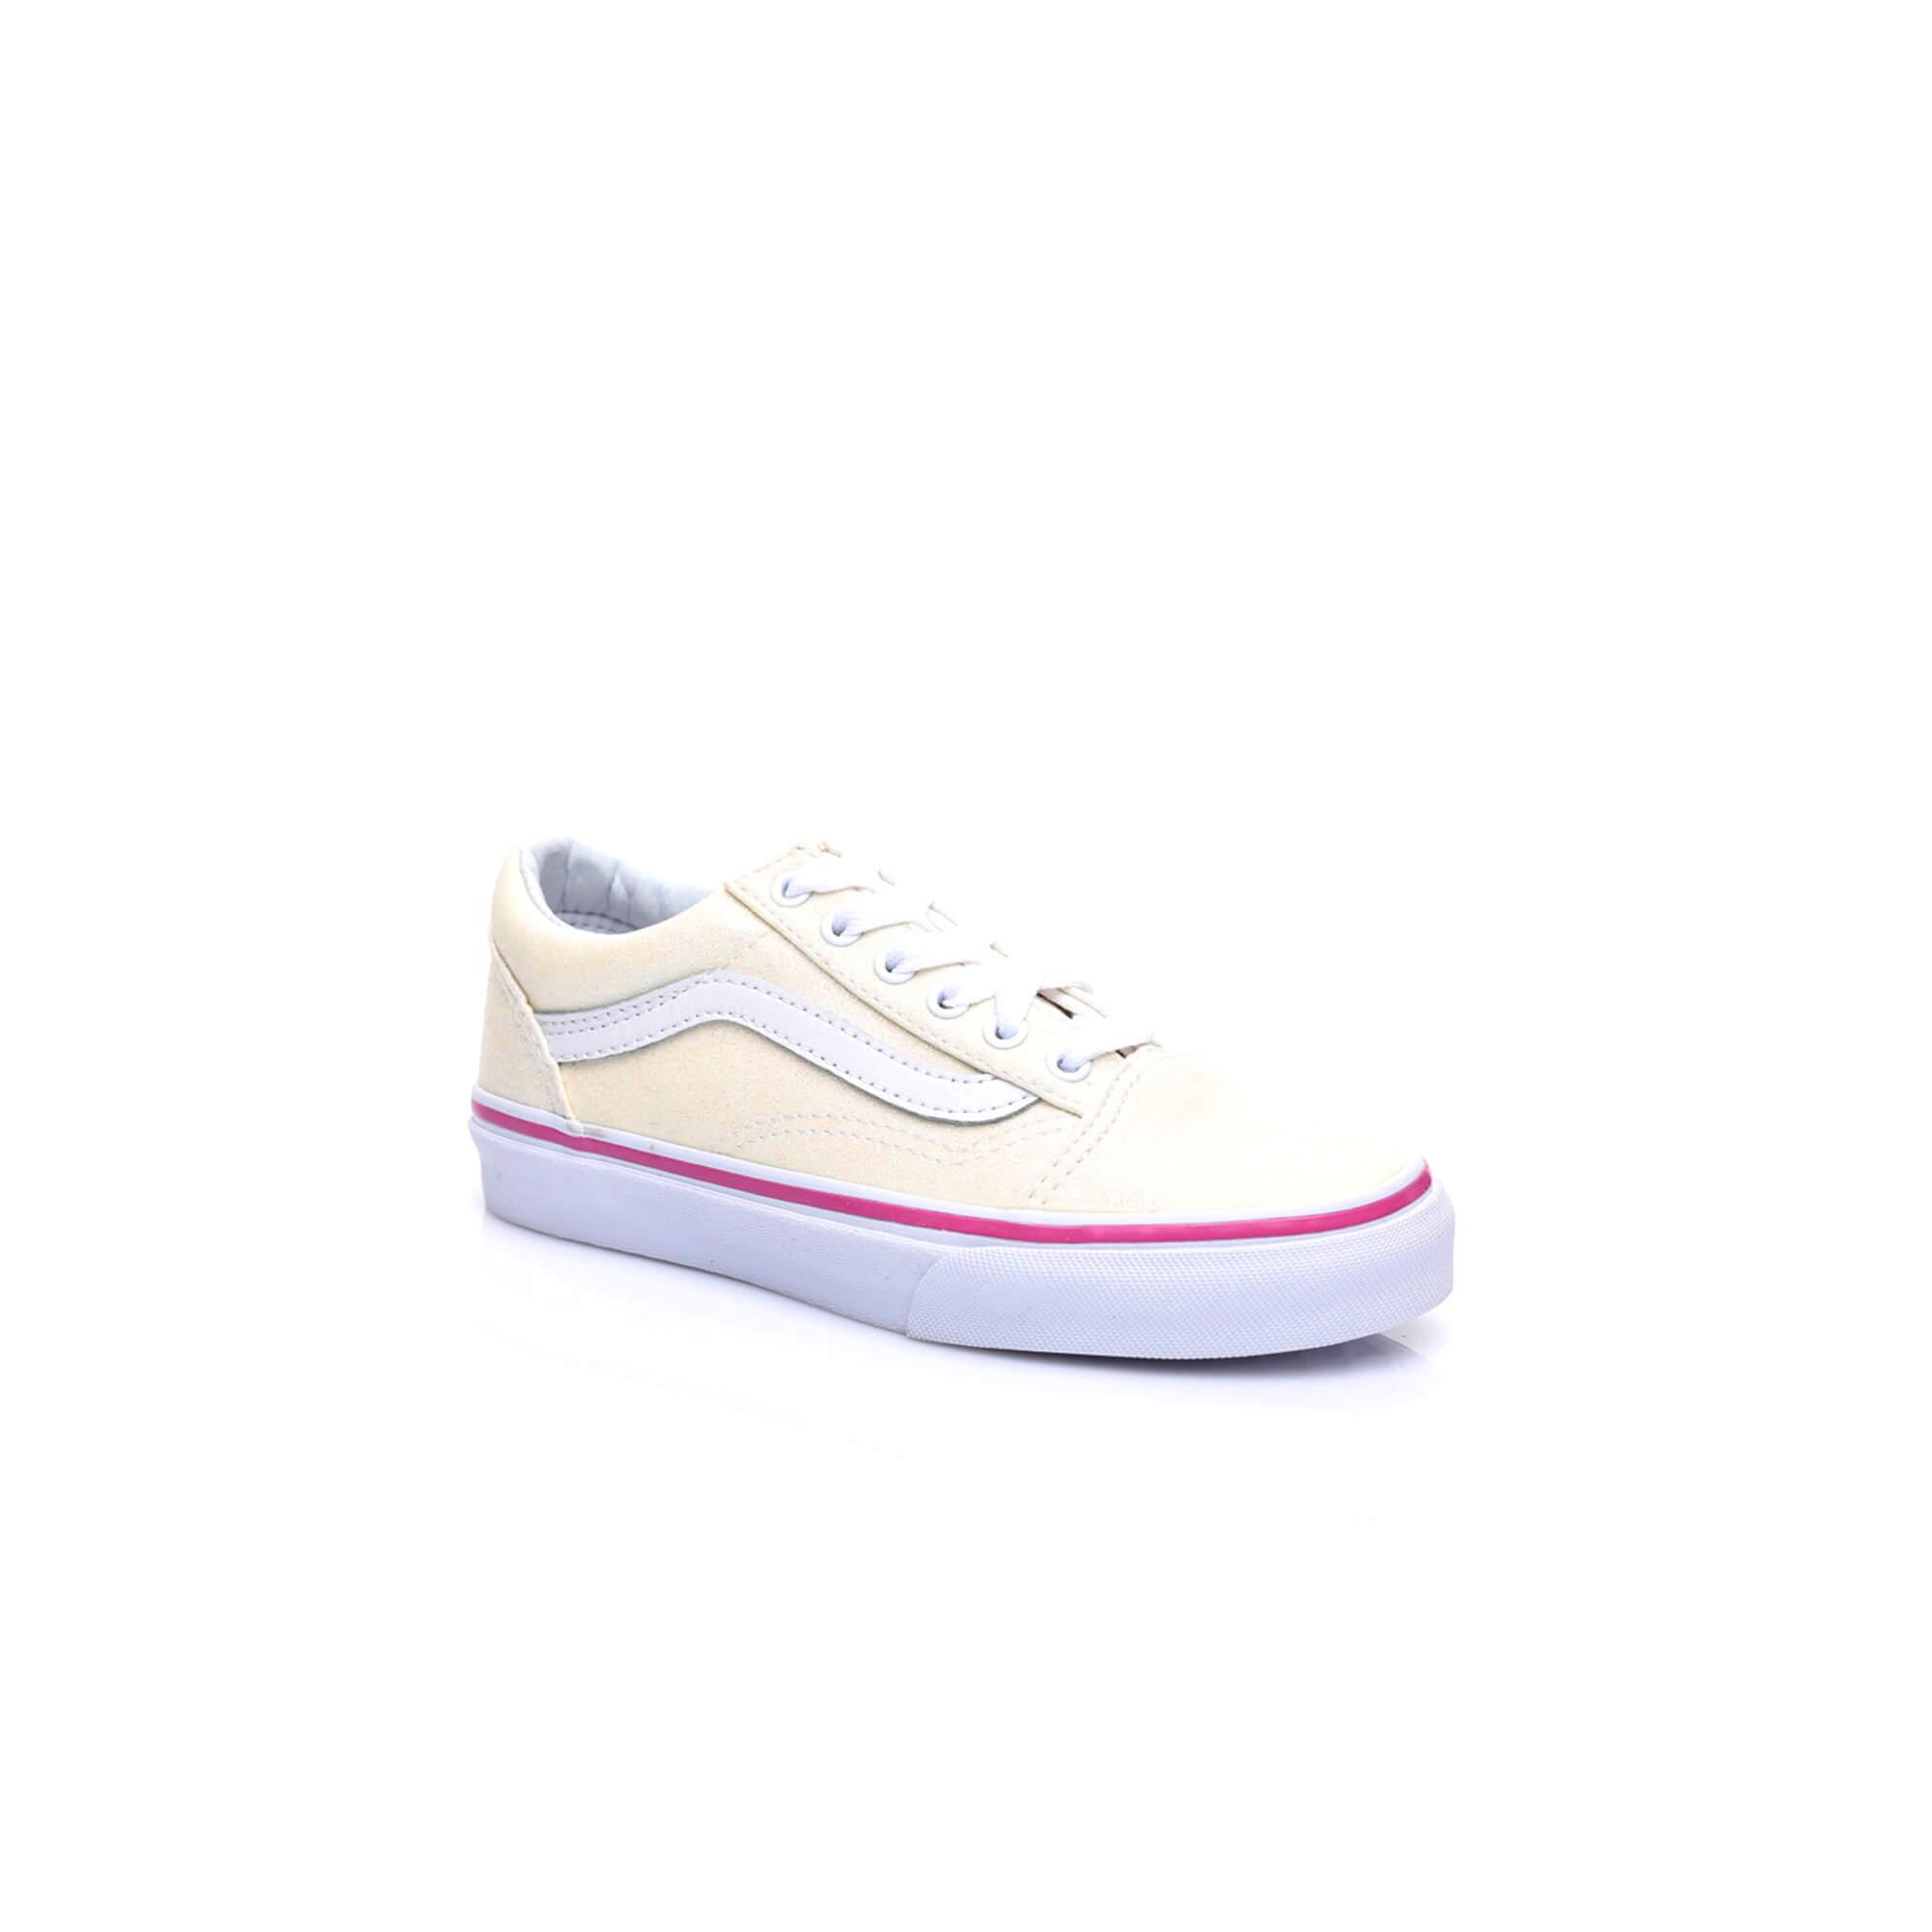 Vans Uy Old Skool Çocuk Pembe Sneaker